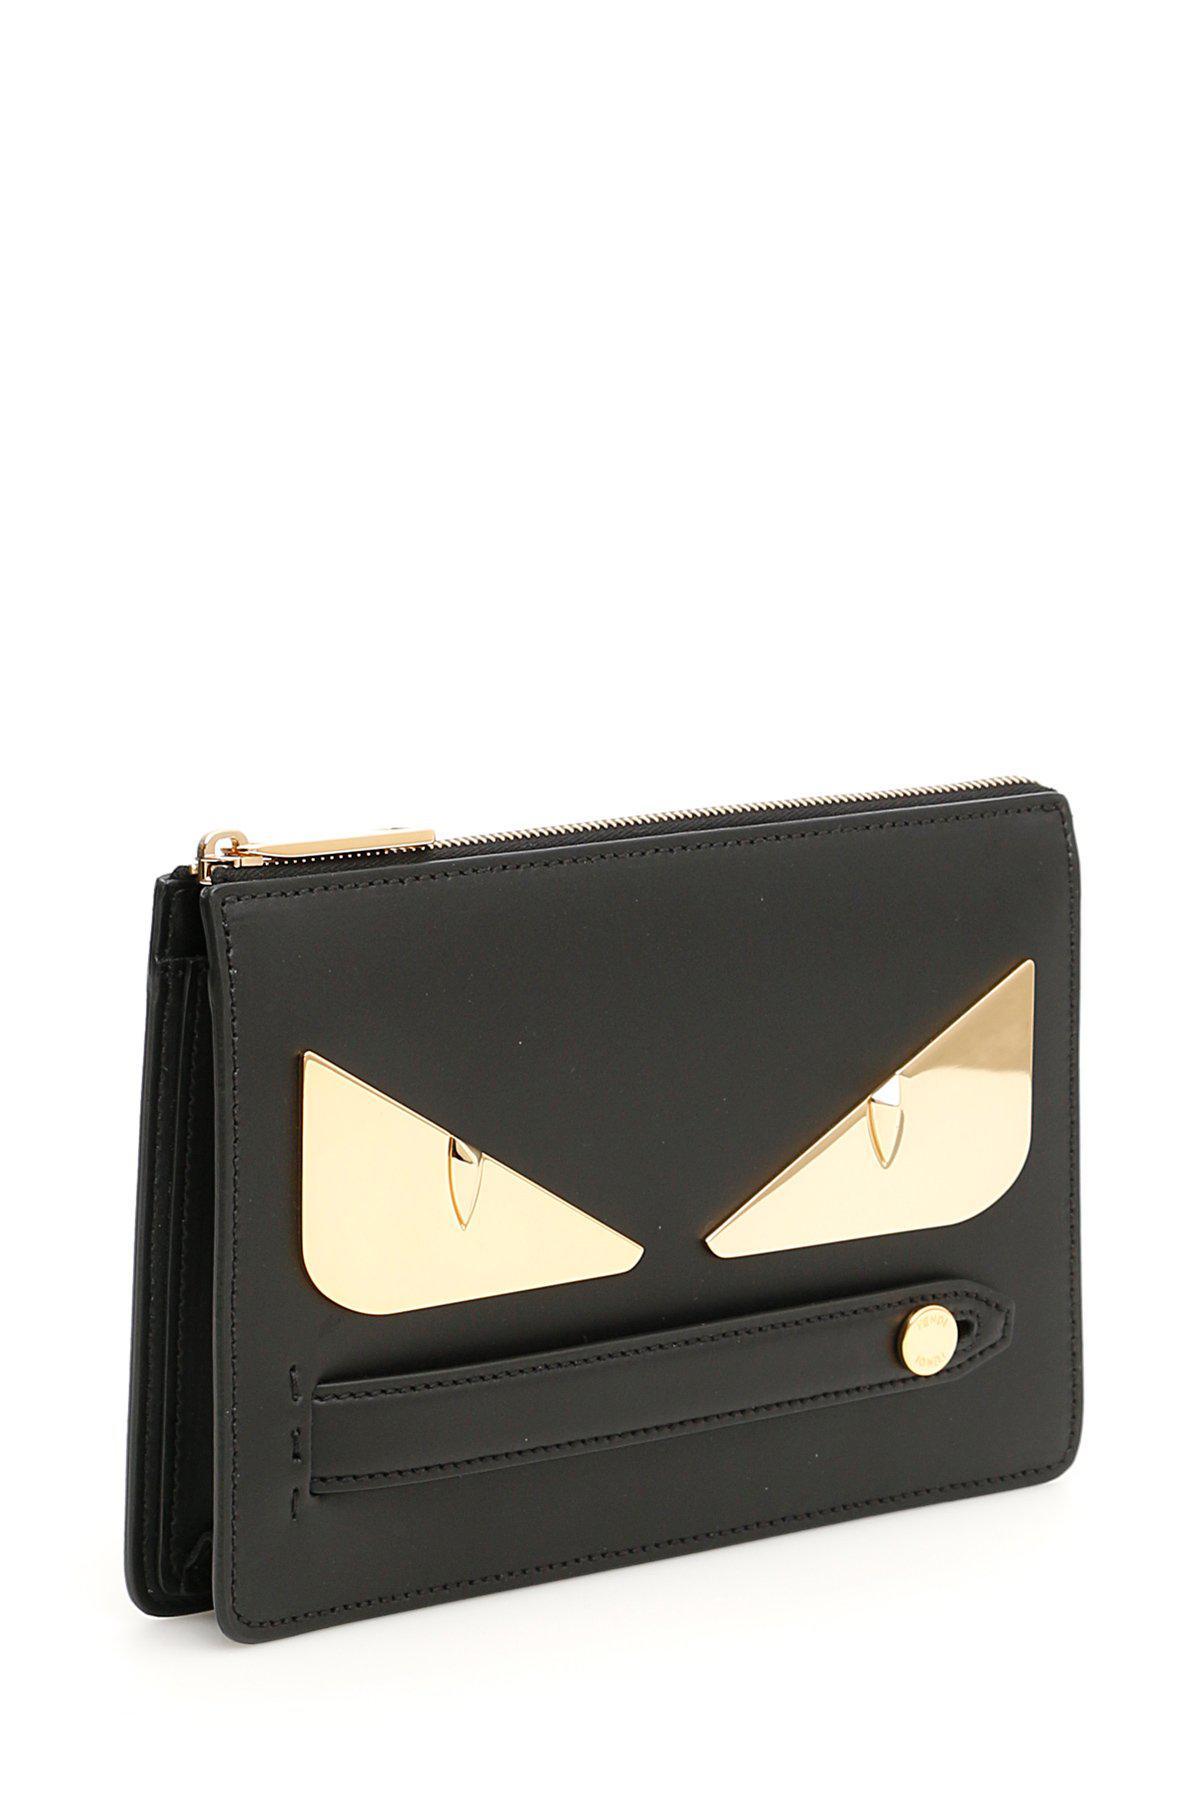 0d3cdcf9d0f8 Lyst - Fendi Bag Bugs Clutch in Black